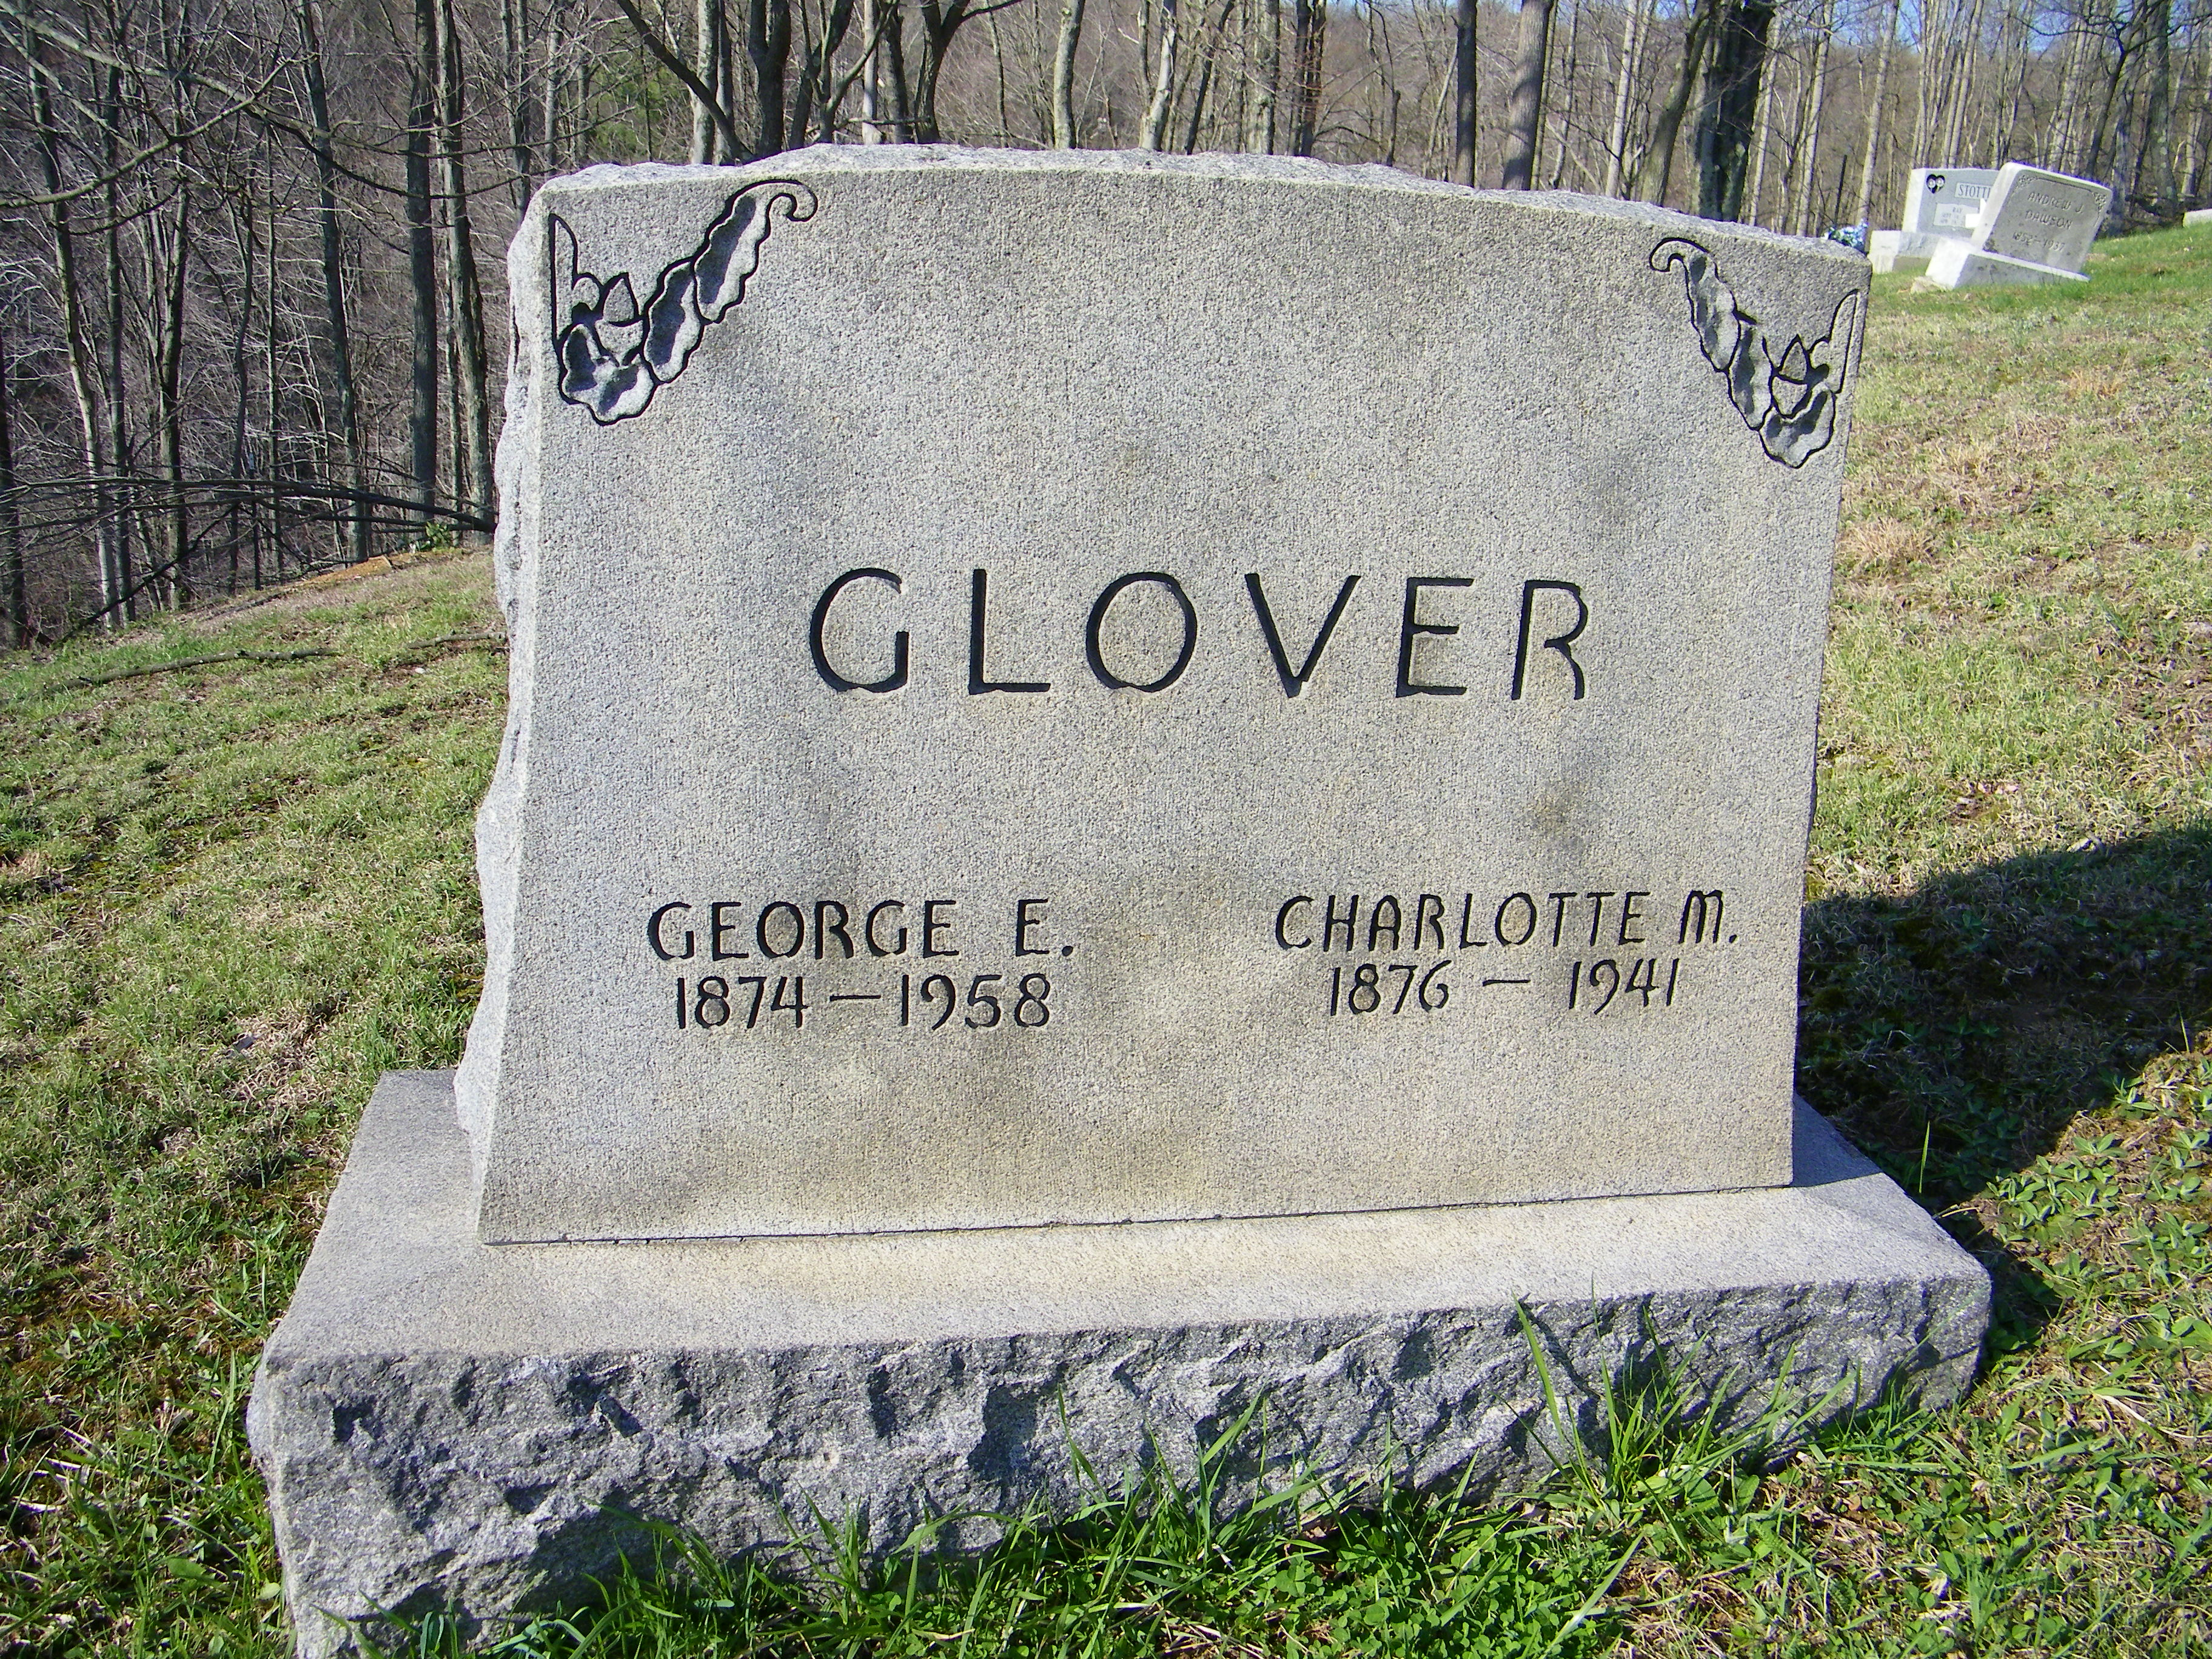 George Glover